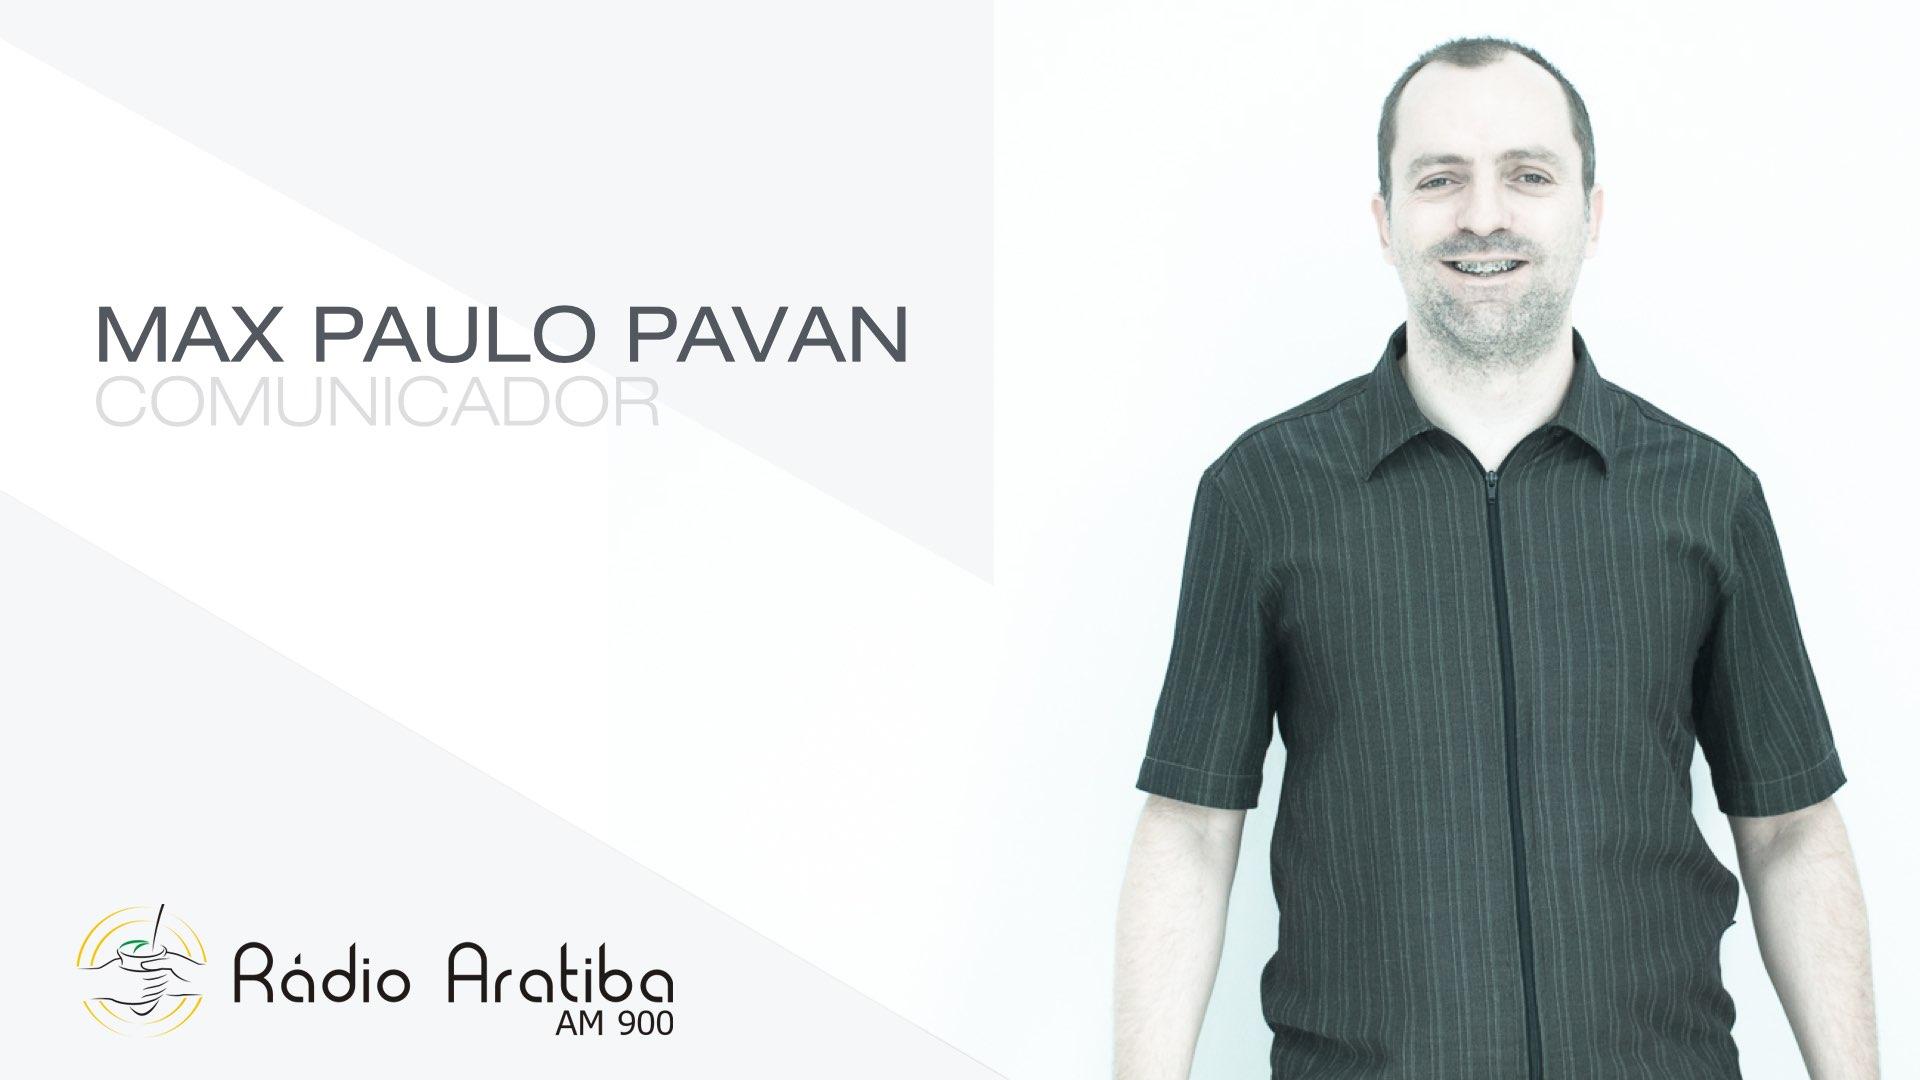 radio_aratiba_equipe_.005